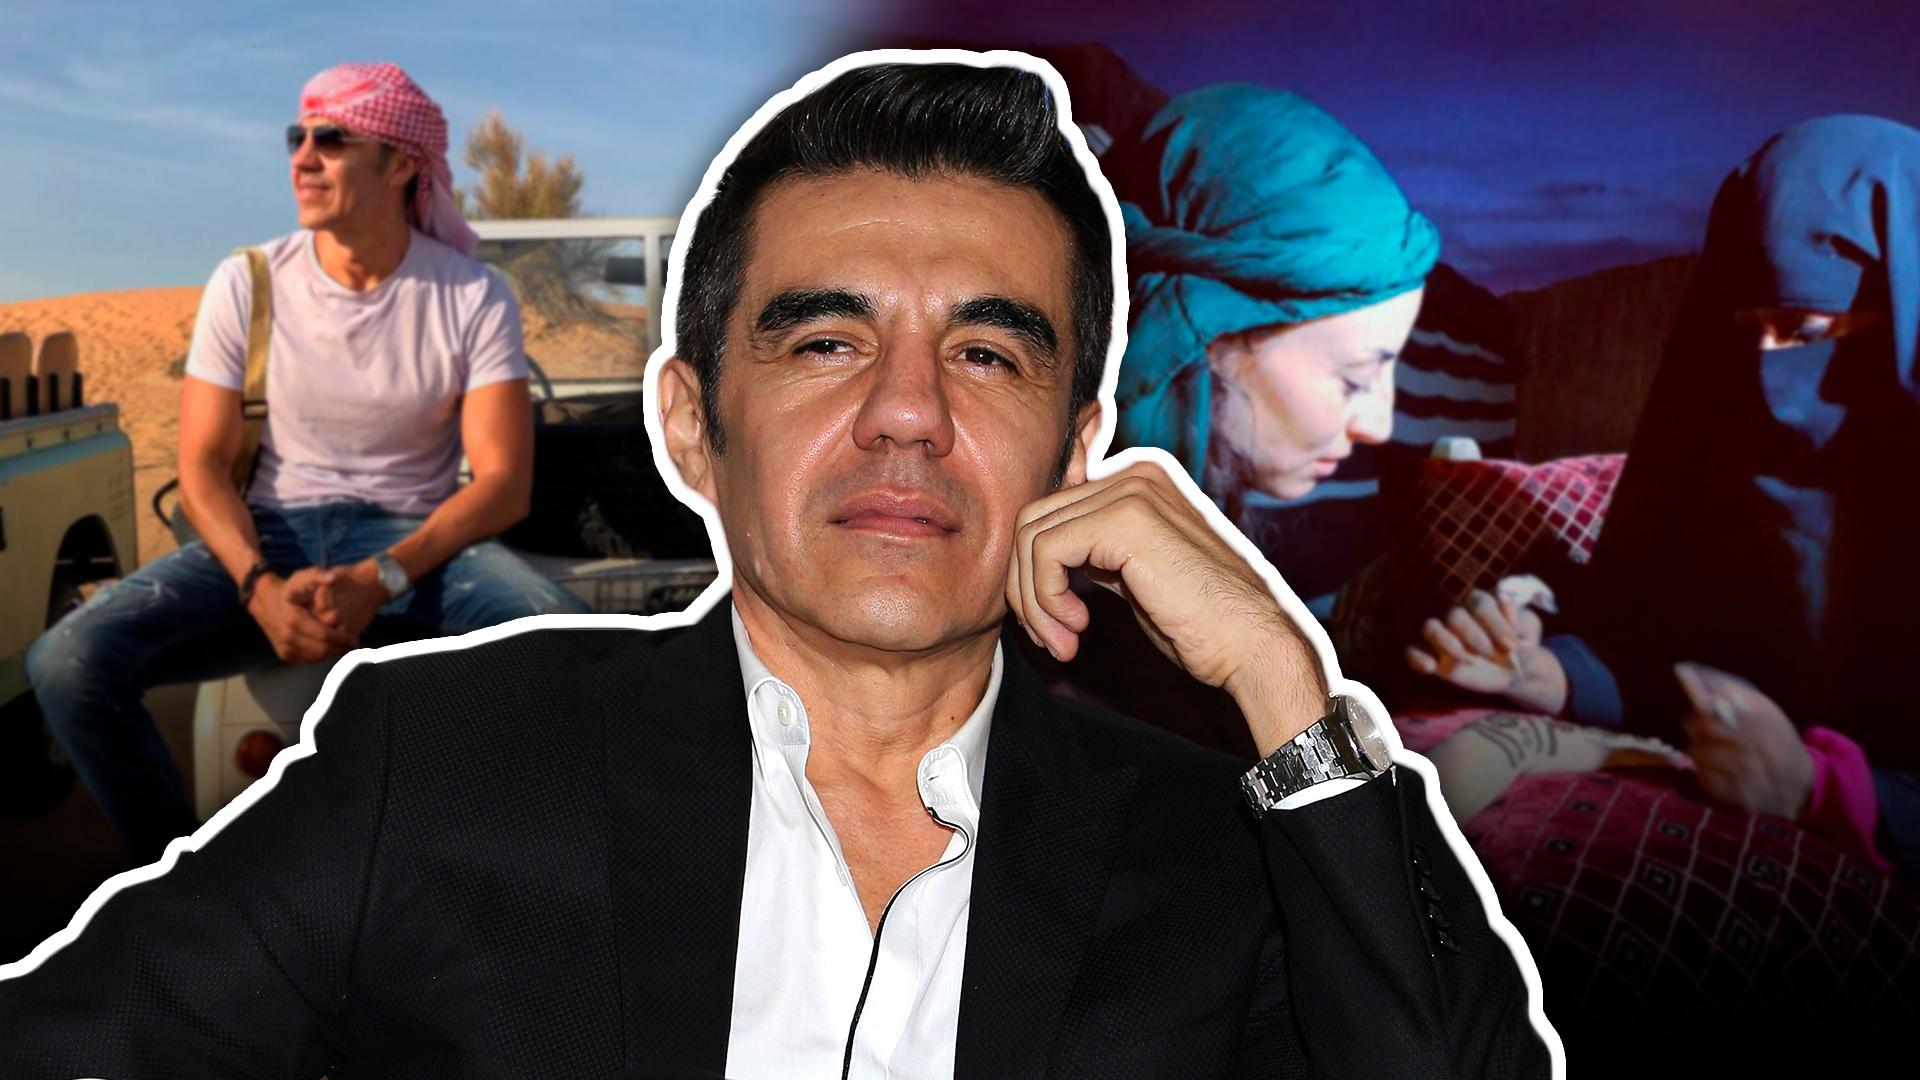 Le preguntamos a Adrián Uribe sobre sus supuestas vacaciones con Marimar Vega y por primera vez habló del tema